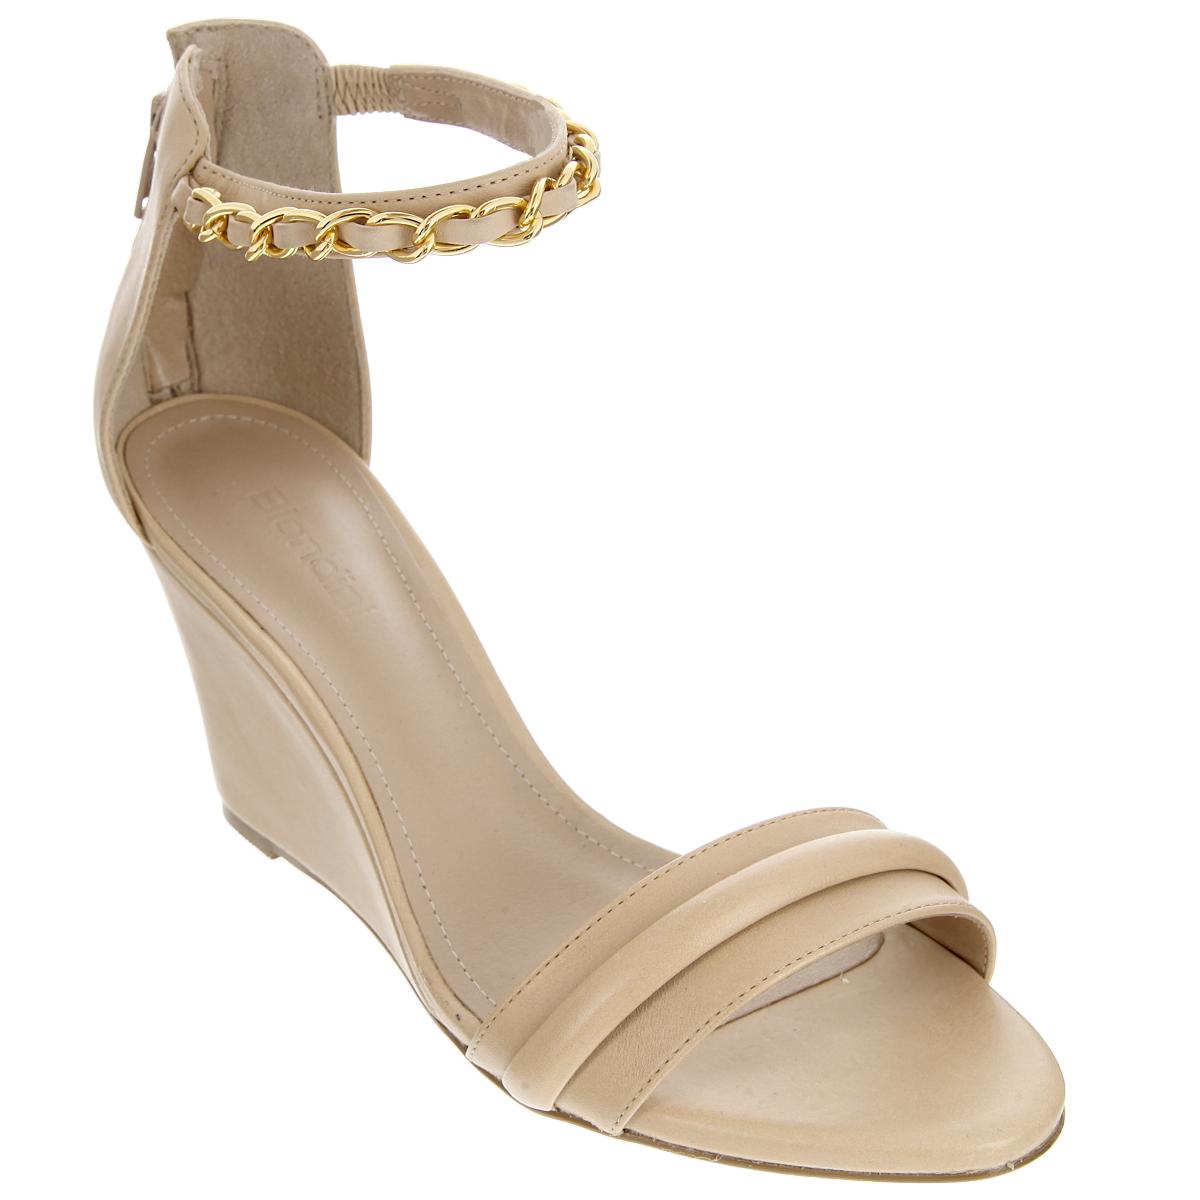 Босоножки. 6730-16730-1Стильные босоножки от Biondini не оставят равнодушной настоящую модницу. Модель изготовлена из высококачественной натуральной кожи. Босоножки оснащены полужестким задником с застежкой-молнией. Ремешок на щиколотке дополнен вшитой резинкой, позволяющей оптимально зафиксировать обувь на ноге. Ремешок украшен декоративной цепью, выполненной из металла. Стелька из натуральной кожи с названием бренда и прострочкой по контуру комфортна при ходьбе. Умеренной высоты танкетка устойчива. Подошва дополнена противоскользящим рифлением. Эффектные босоножки помогут вам создать яркий запоминающийся образ.